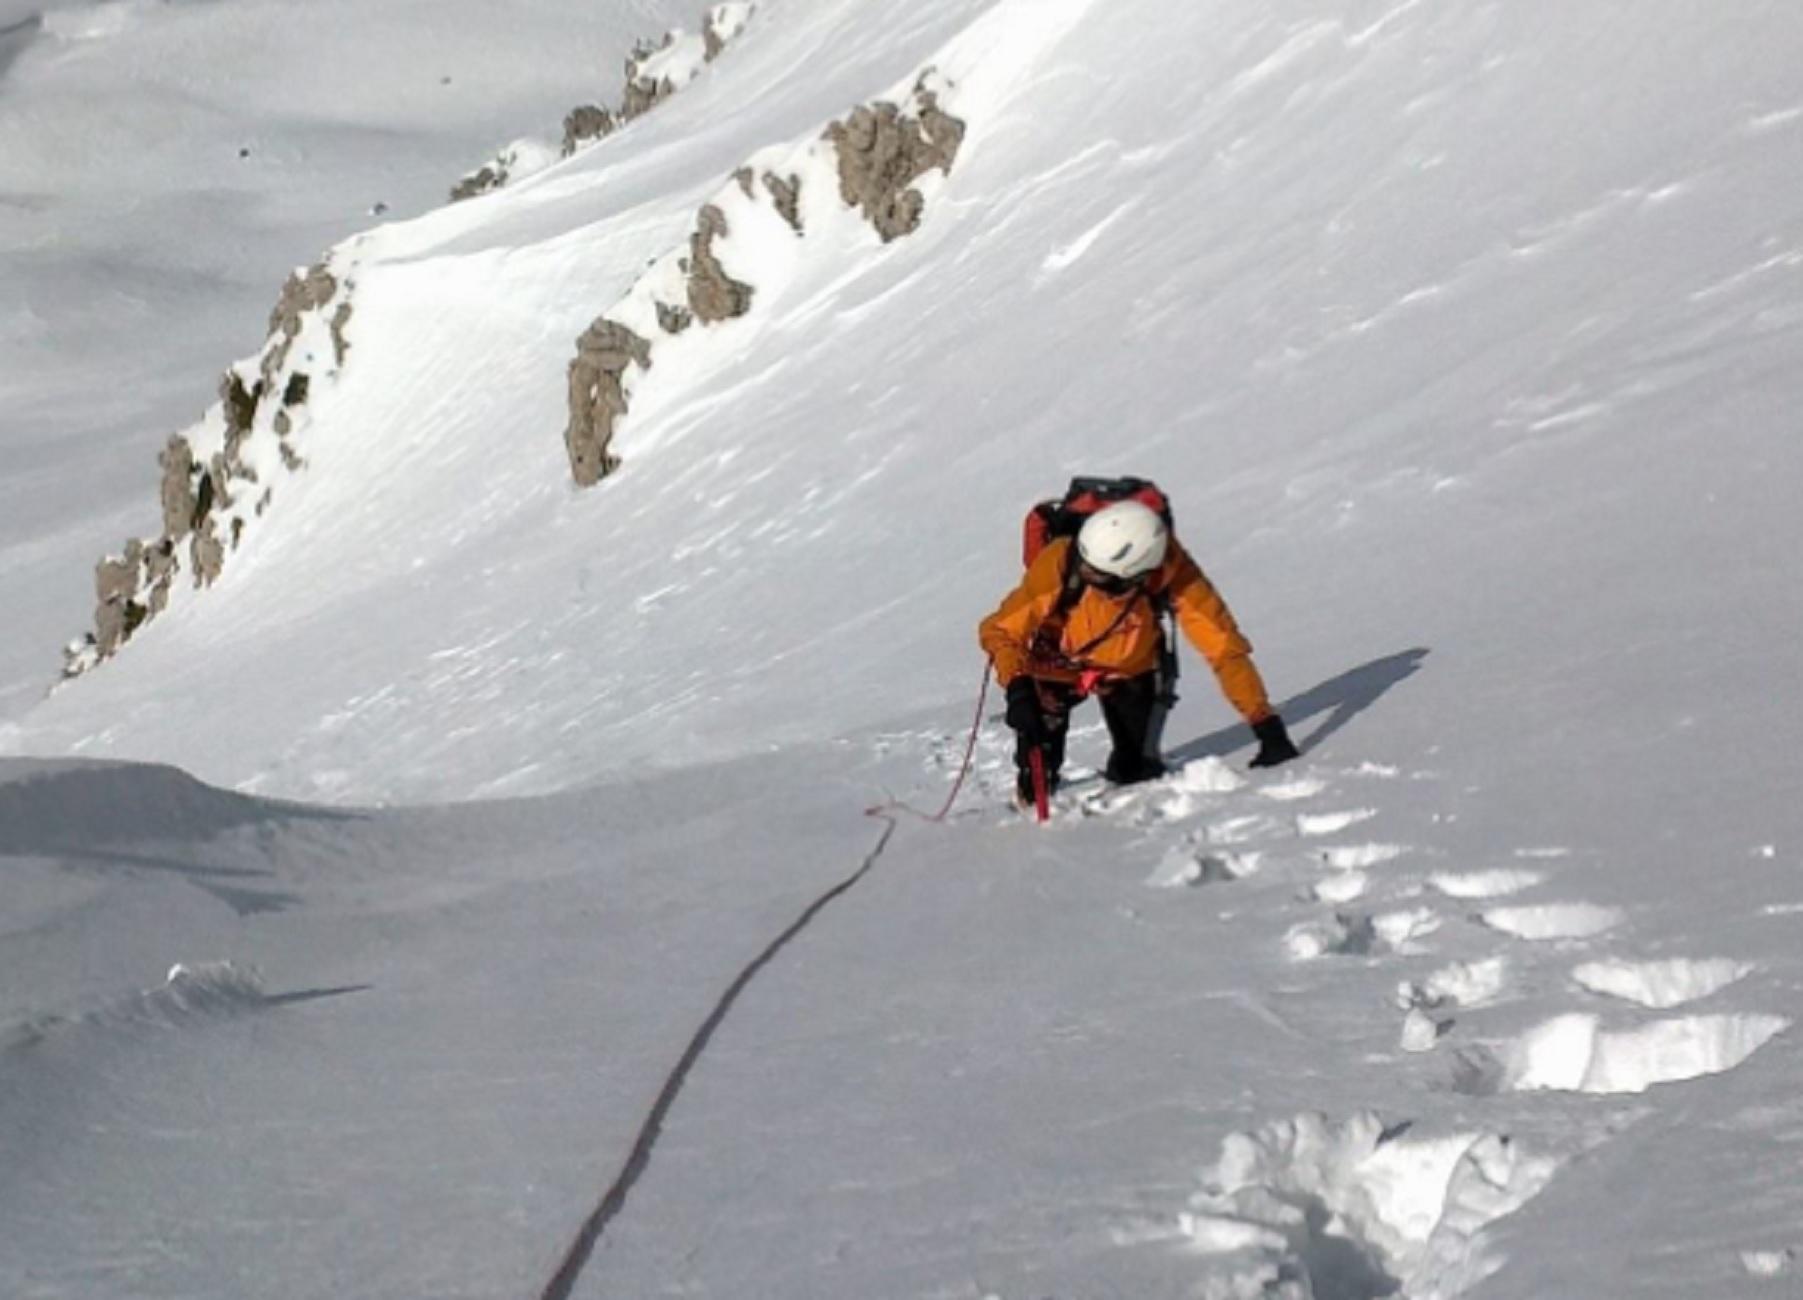 Λάρισα: Πάλεψε για να ξεθάψει το νεκρό φίλο του – Συγκλονιστικές σκηνές μετά τη φονική χιονοστιβάδα στον Όλυμπο (pics)